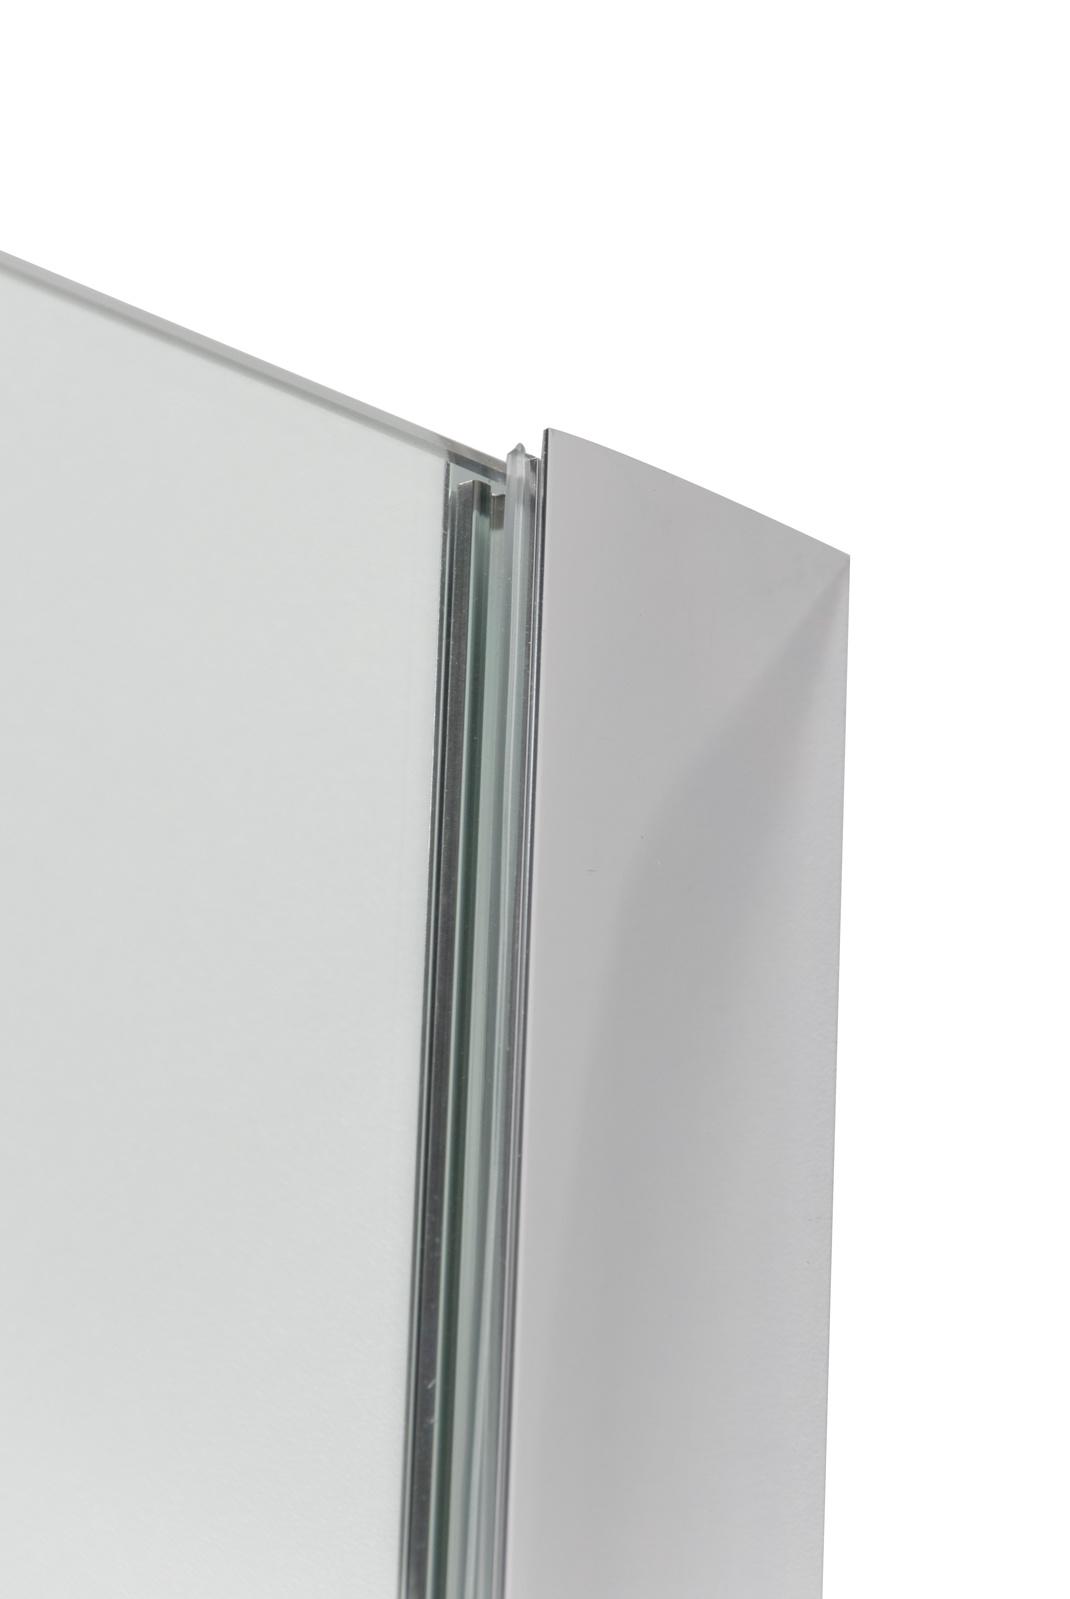 Inloopdouche Linea Uno 35 x 200 cm